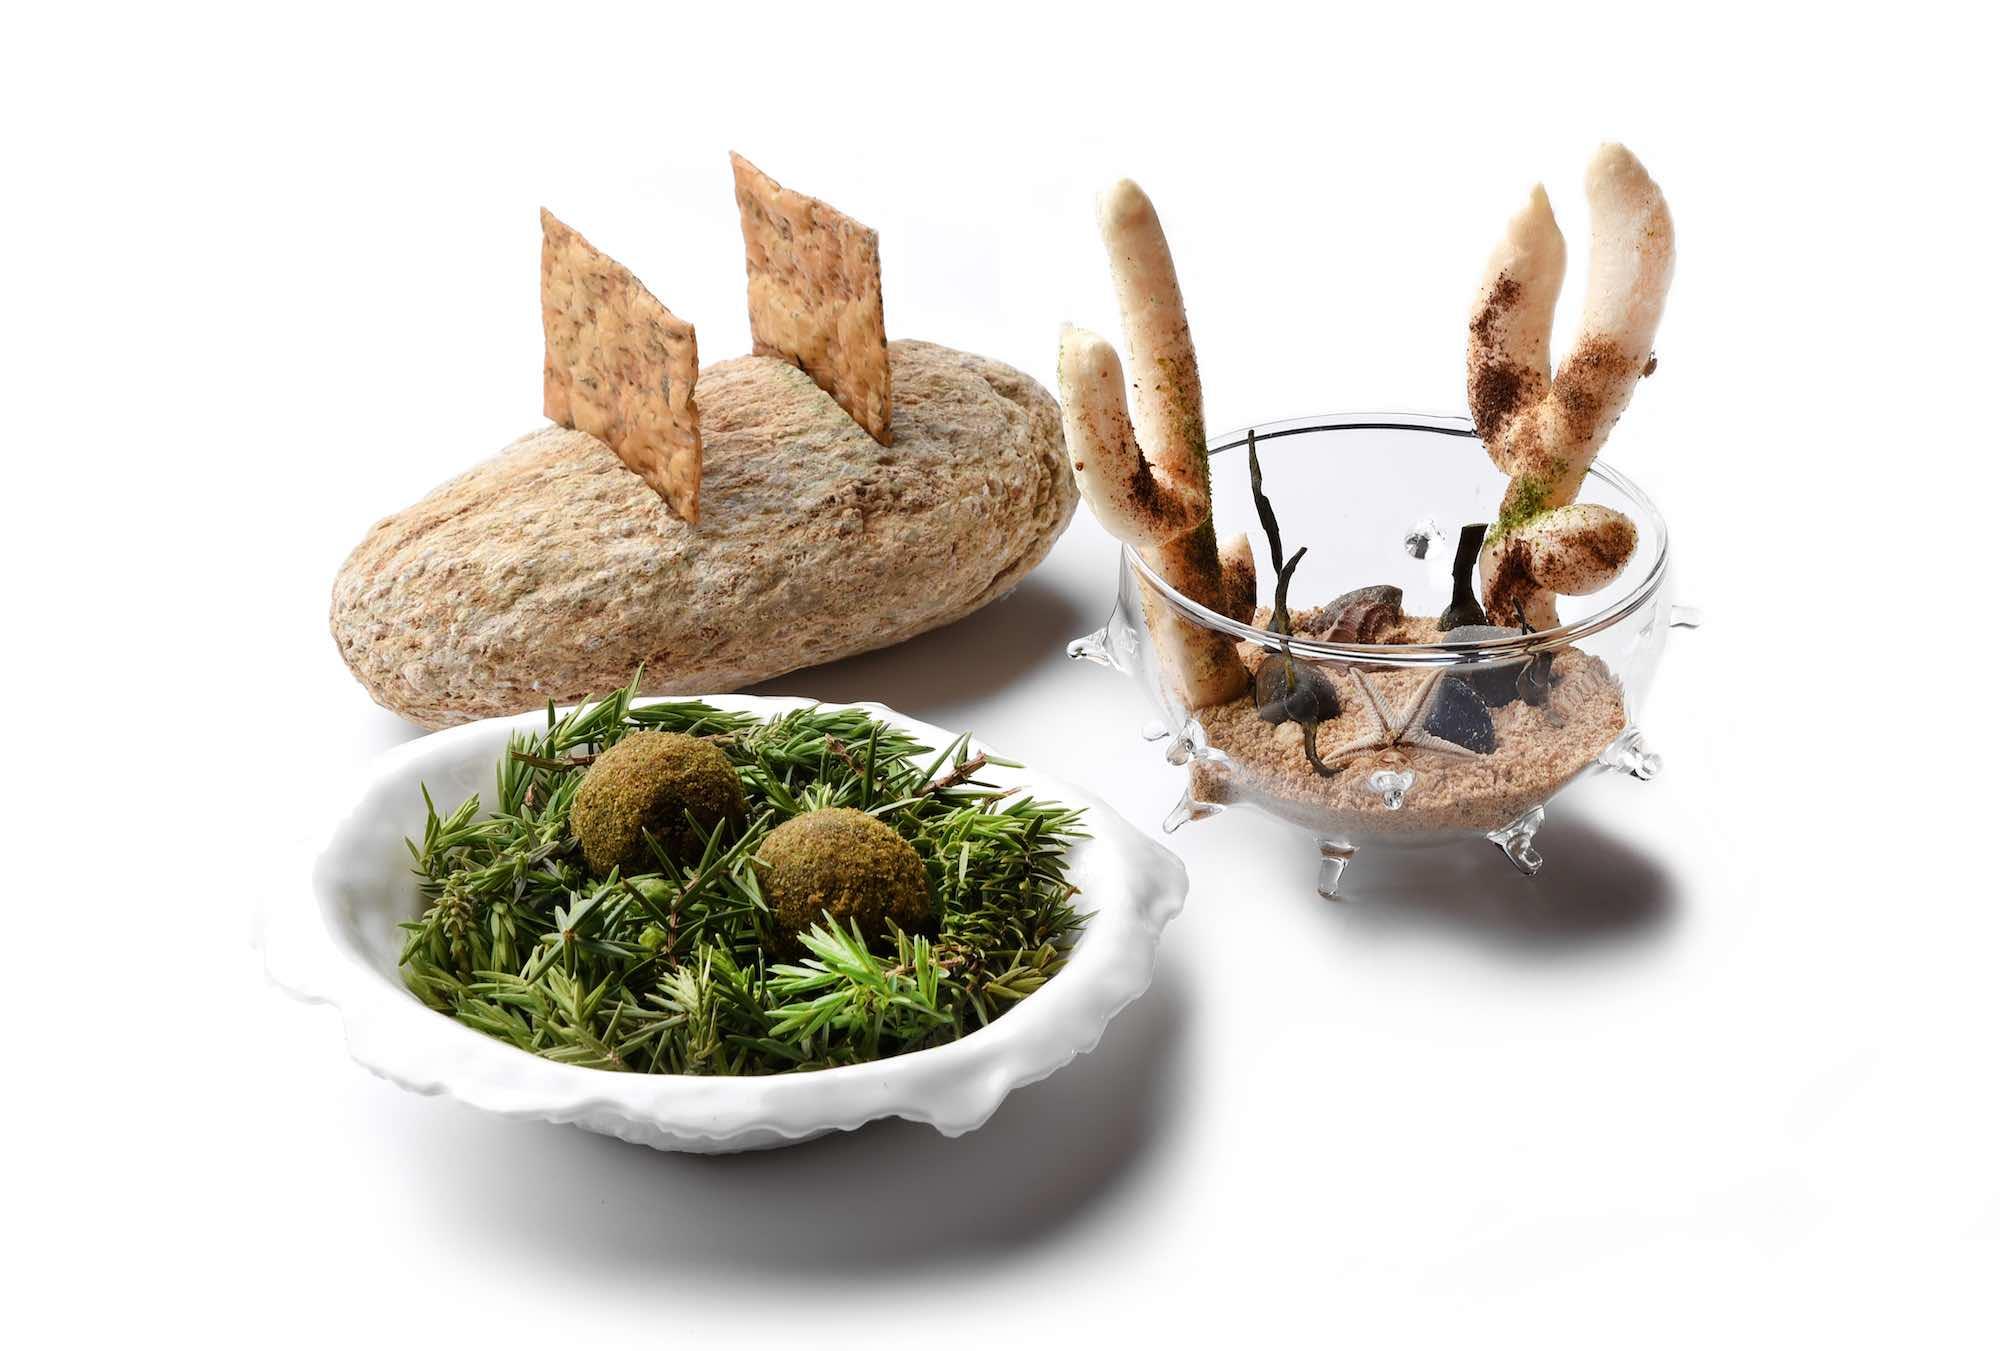 Aperitivo, piatto dell'Executive Chef Andrea Mattei dei ristoranti della Famiglia Vaiani